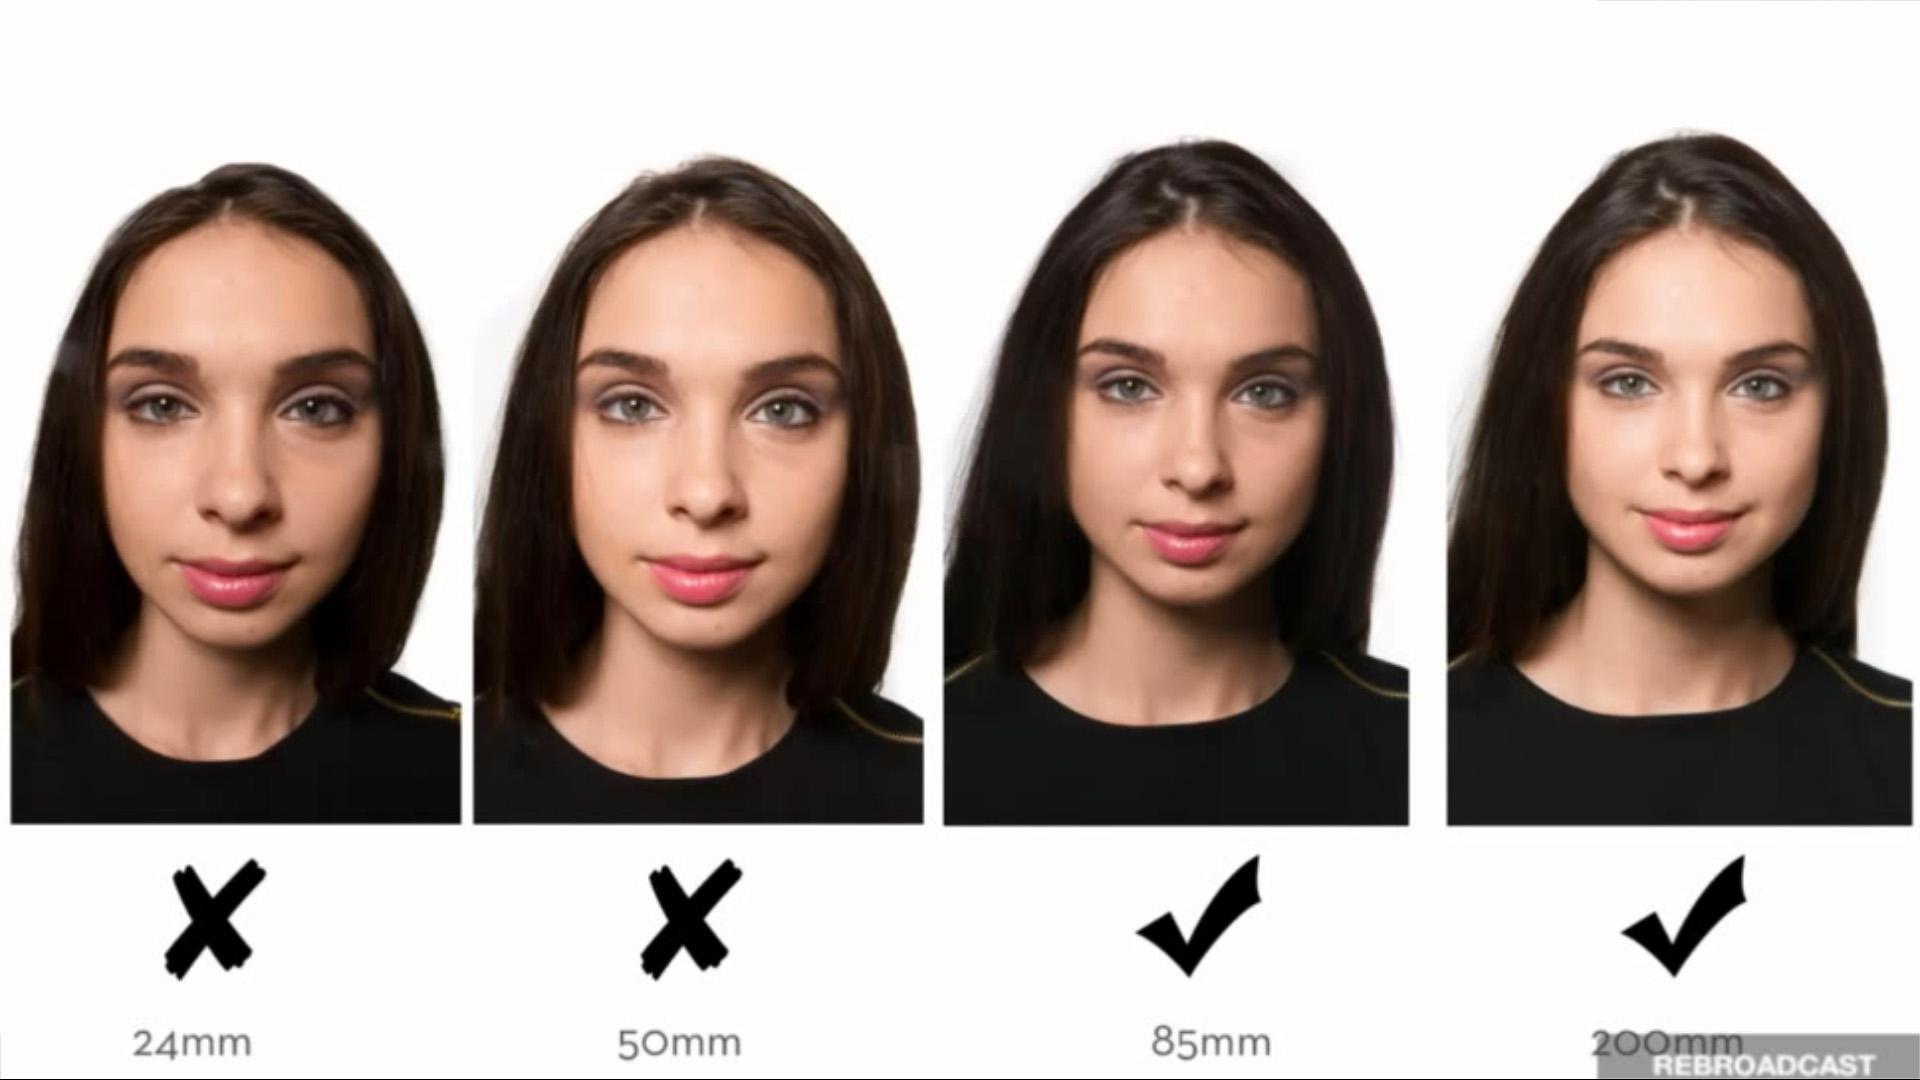 Как сделать картинку сравнение